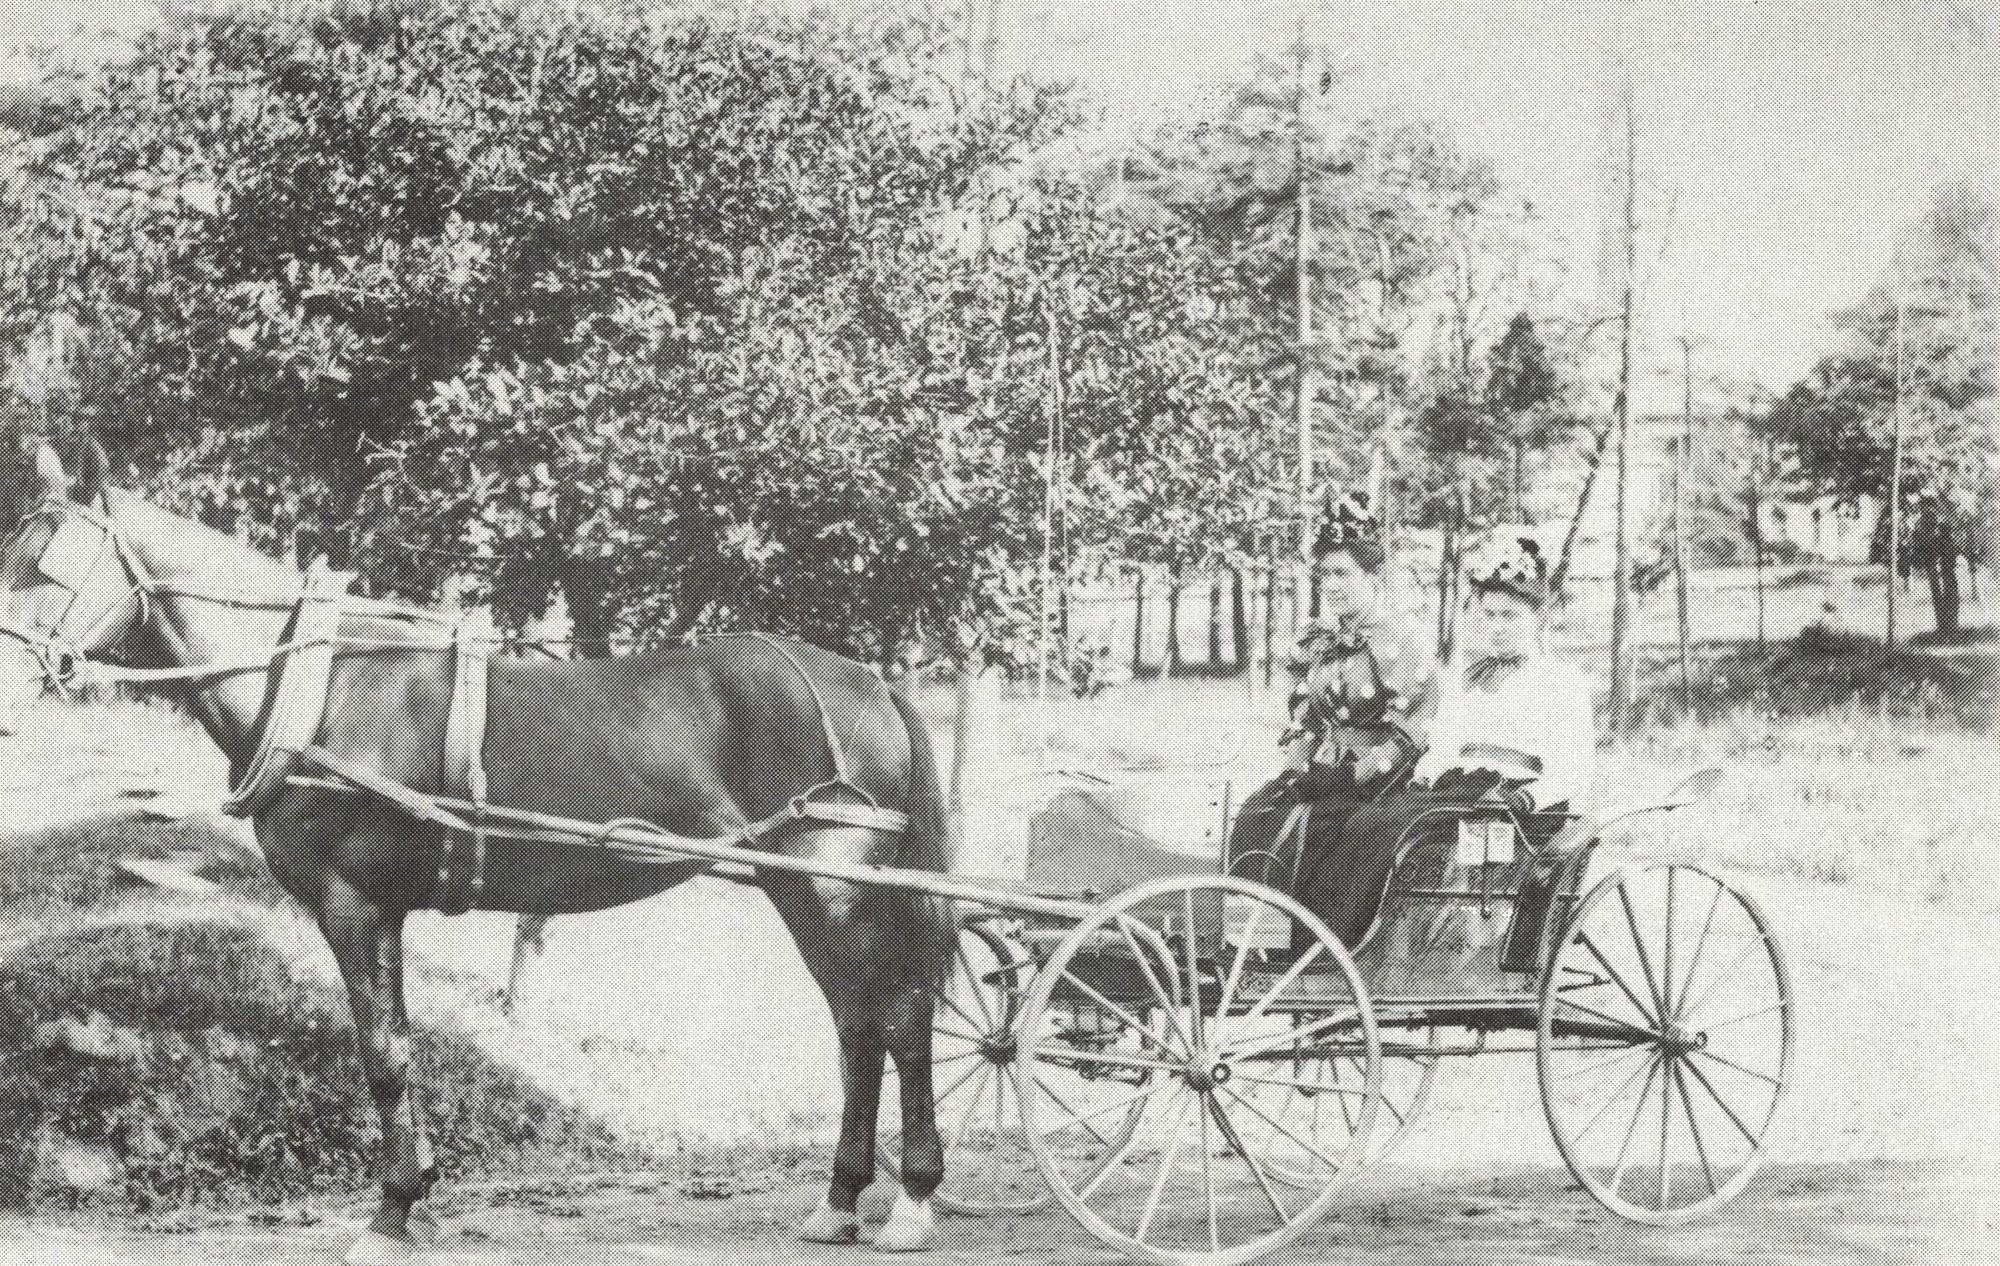 Ancienne photo en noir et blanc de deux femmes assises dans une calèche tirée par un cheval